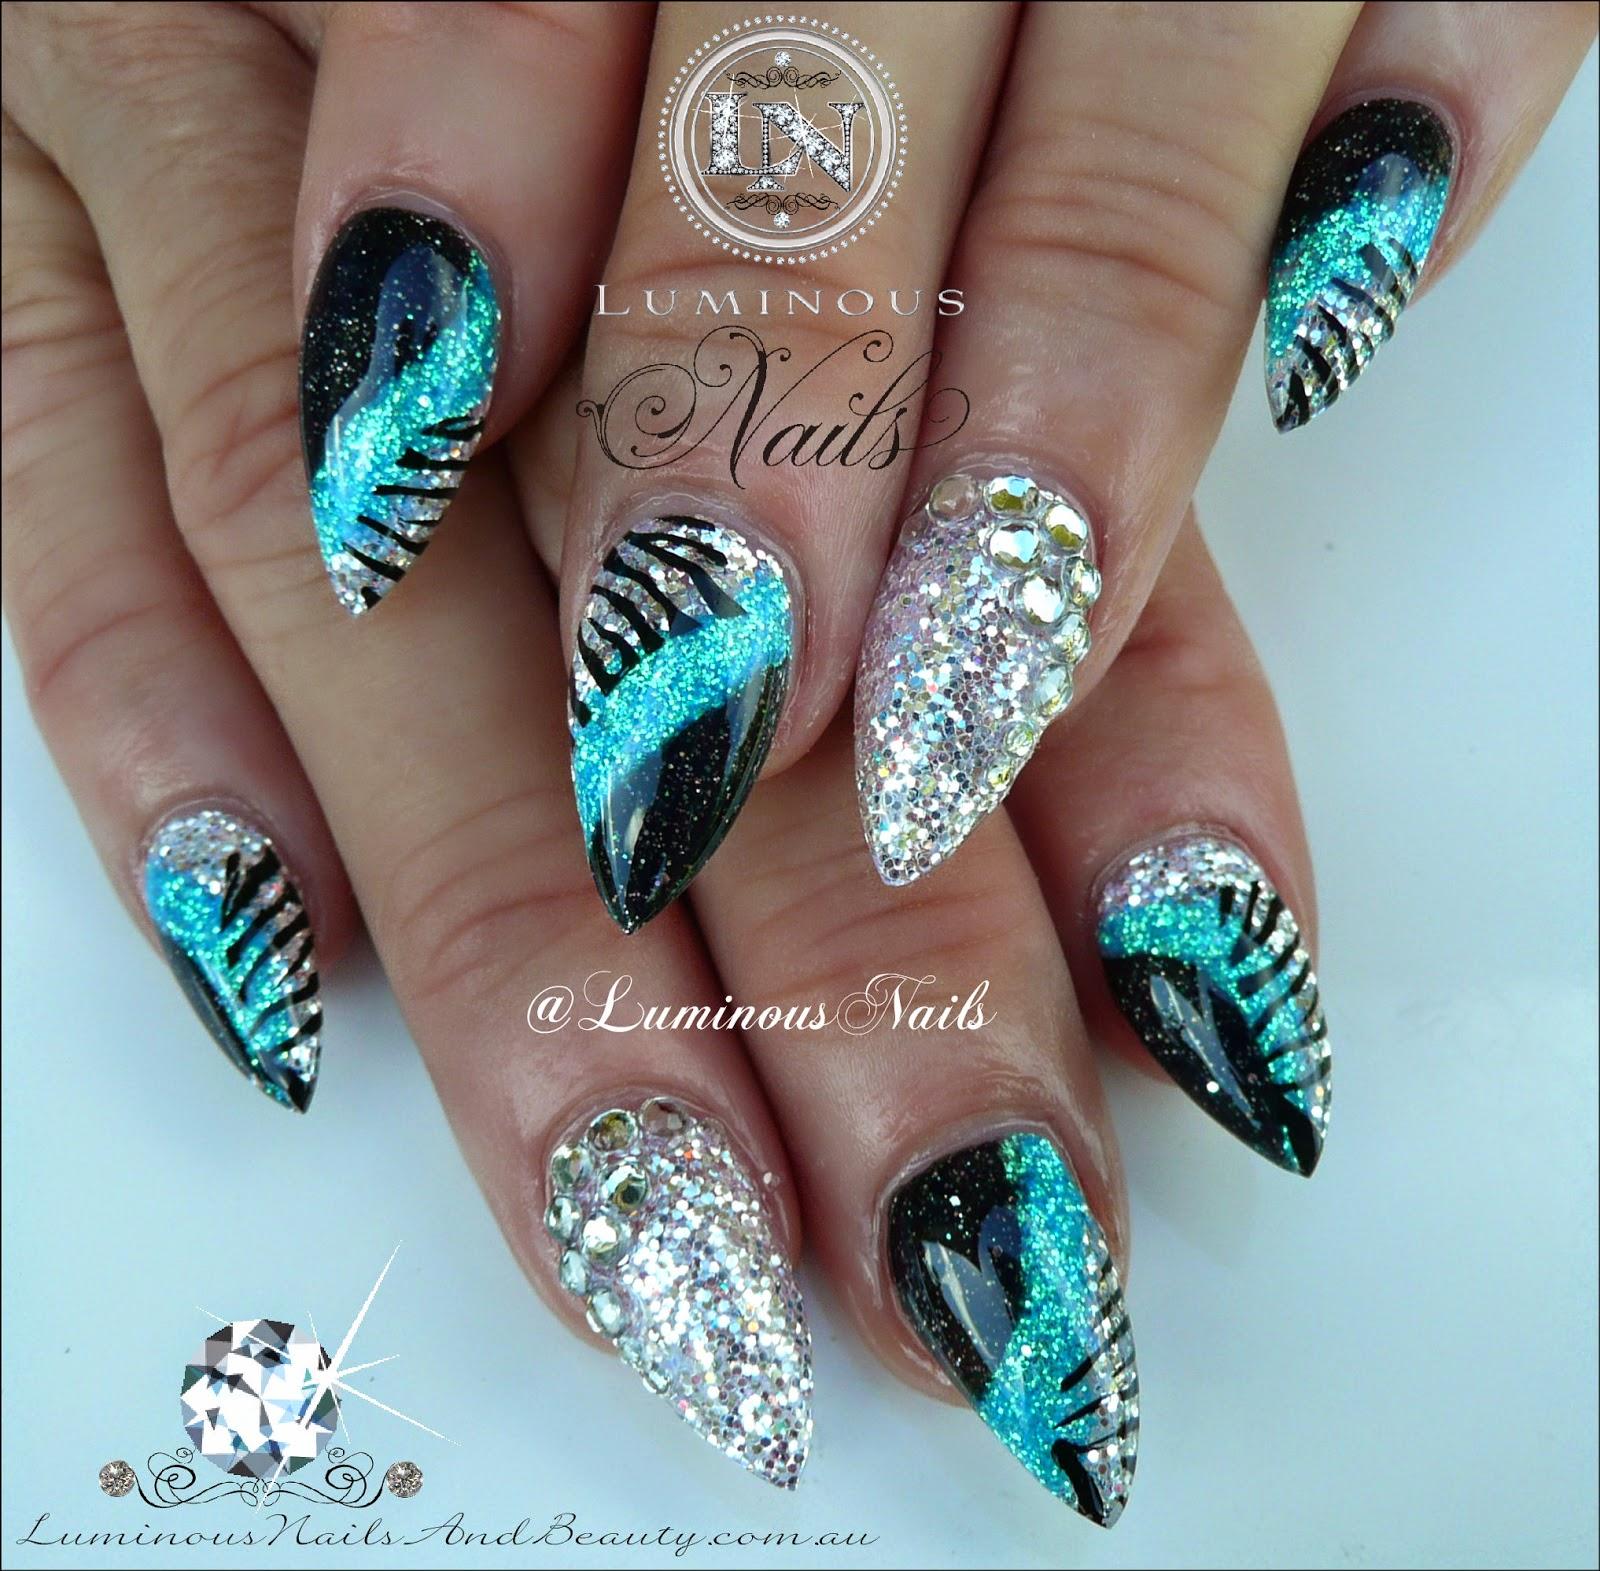 Blue Black And Silver Nail Art: Top fantabulous pointed nail art ...